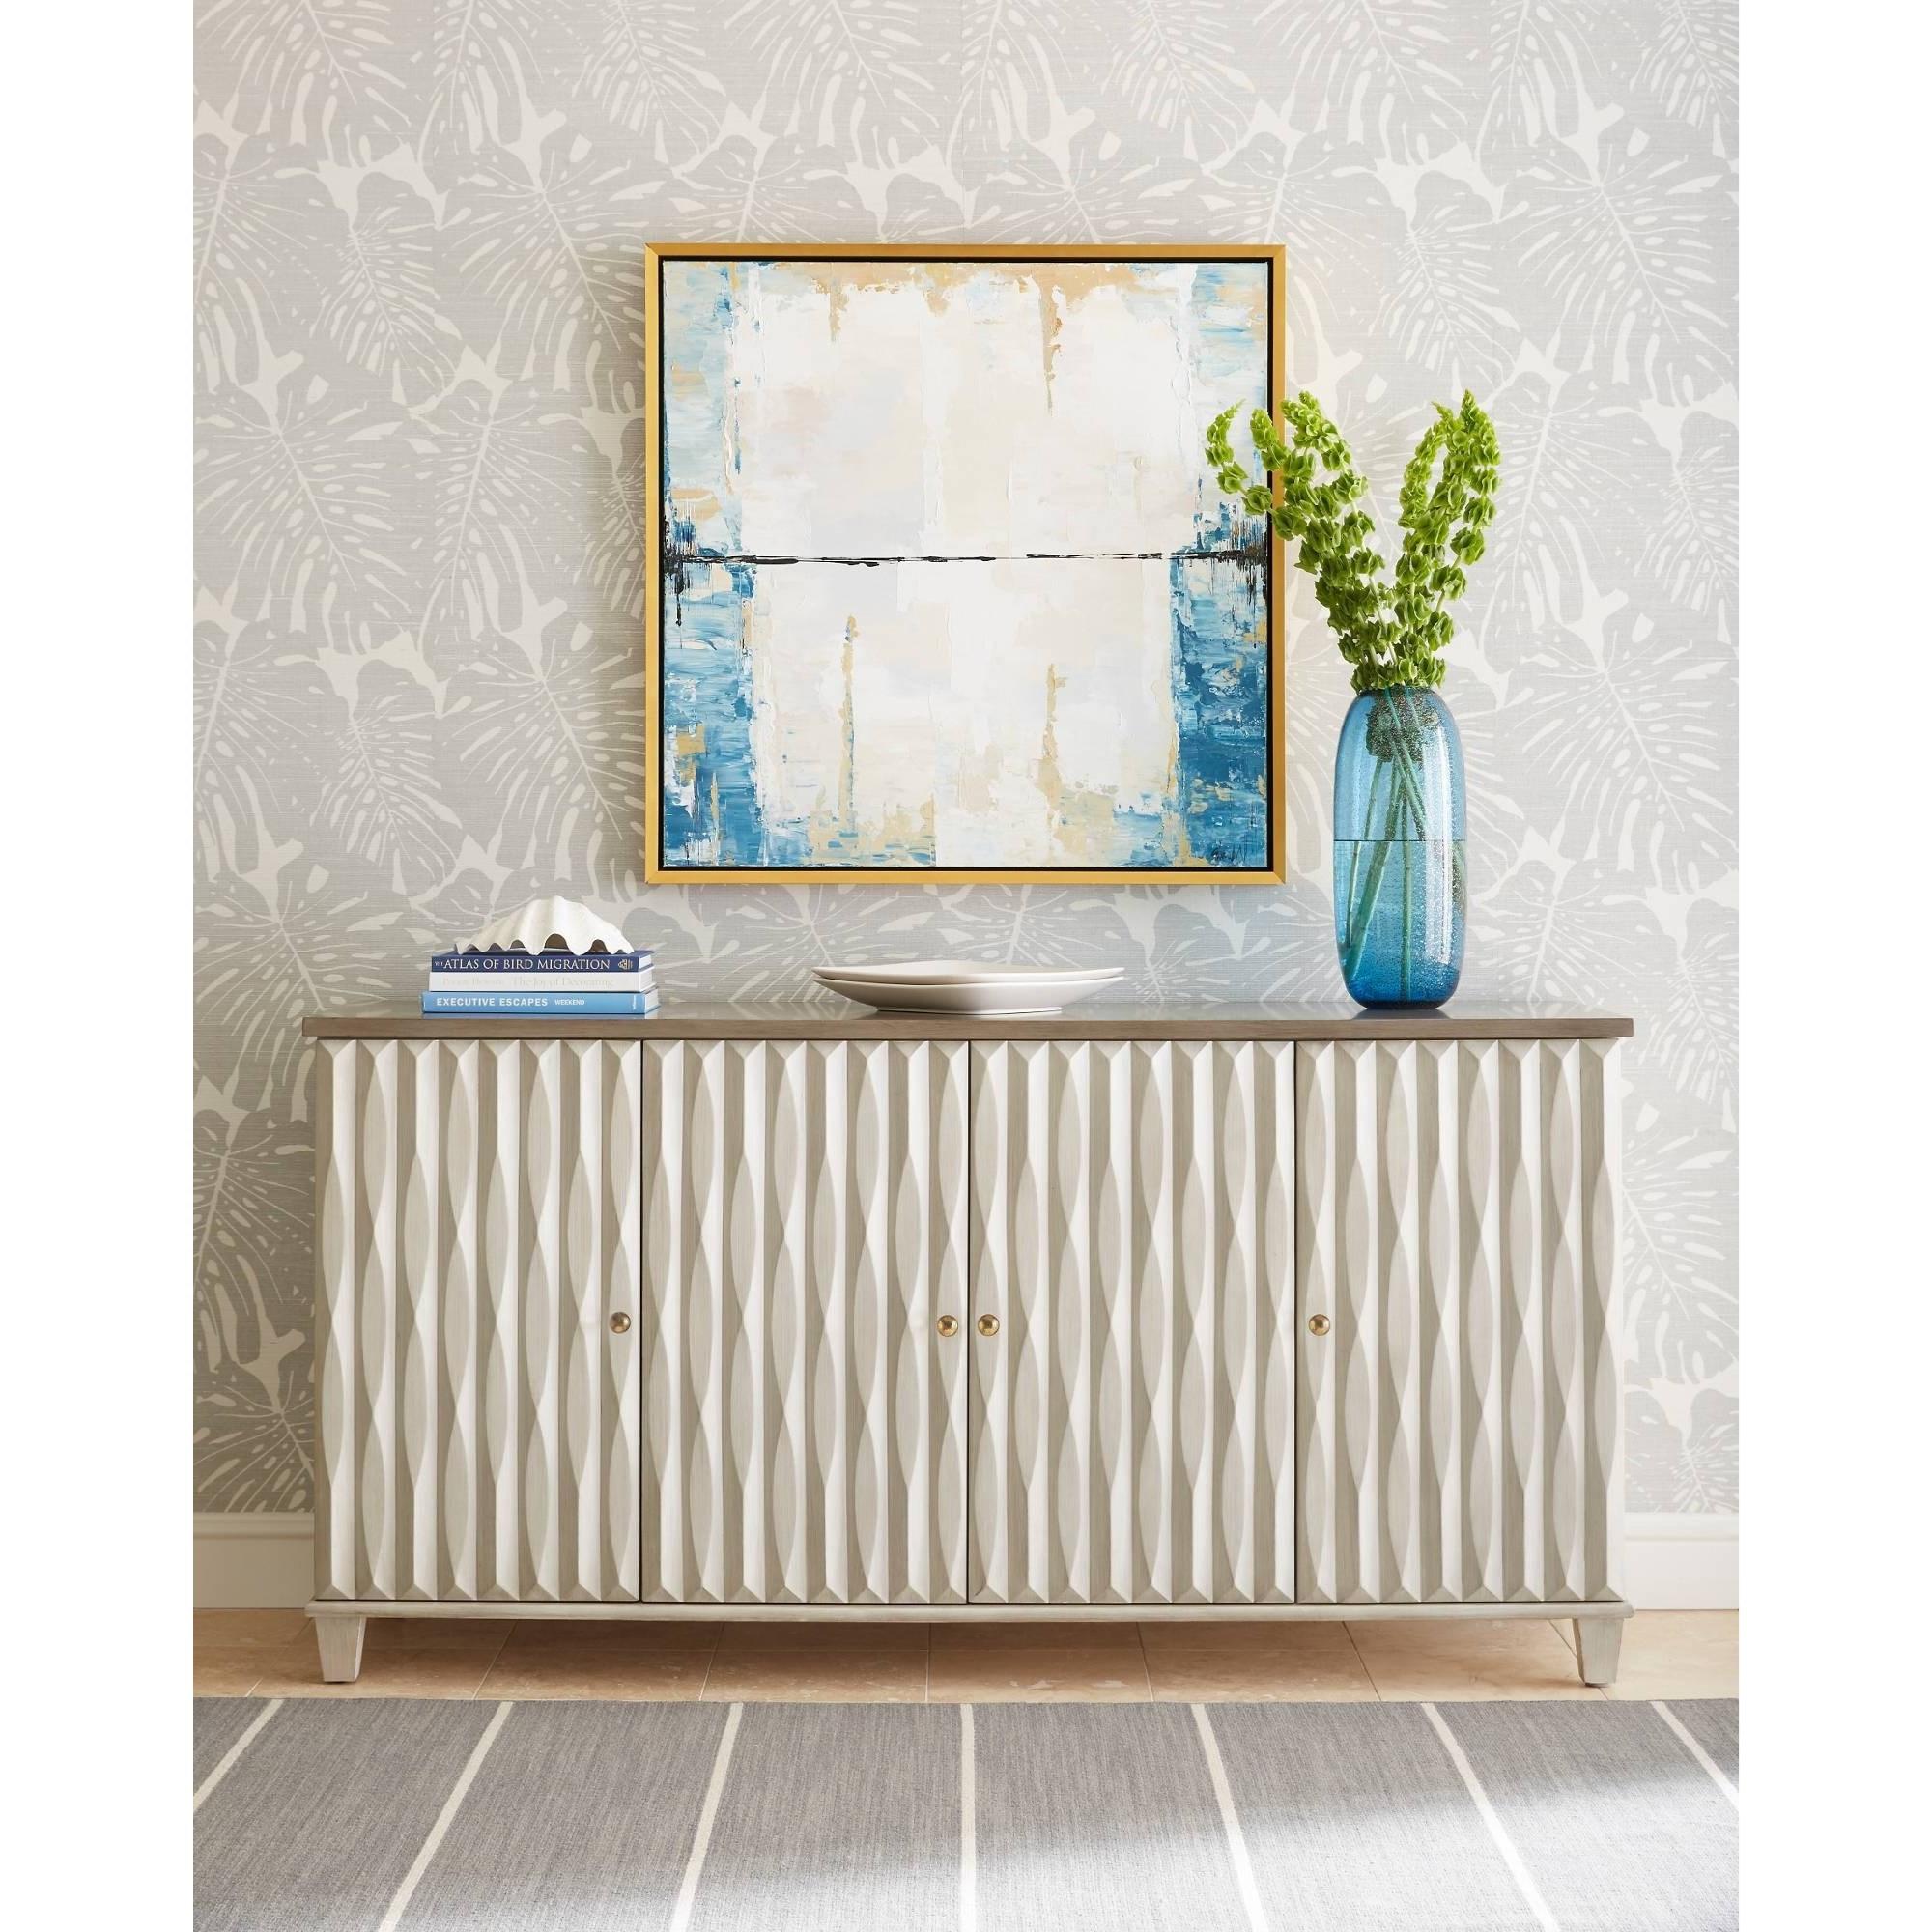 Stanley Furniture Coastal Living Oasis 527 51 05 Tides